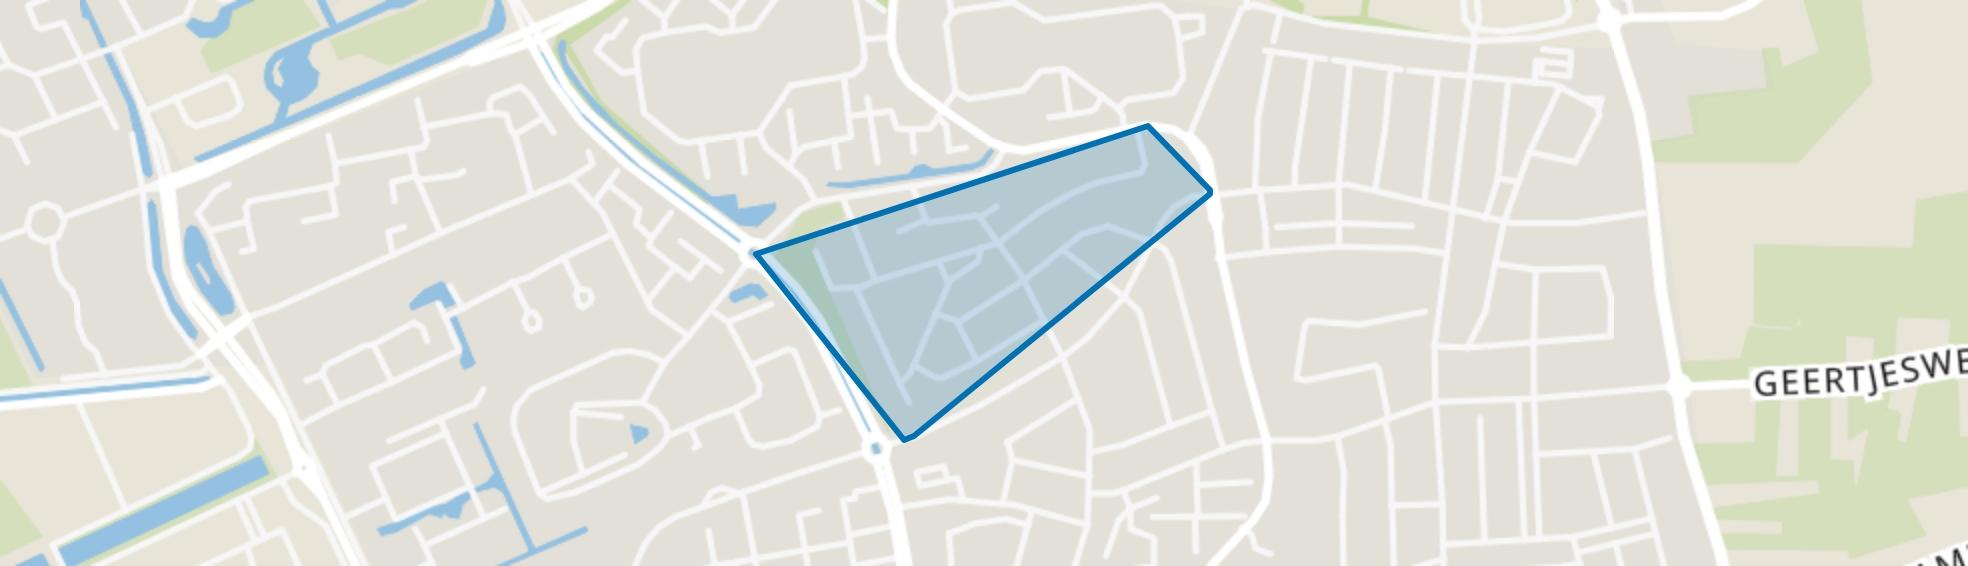 Haverlanden, Wageningen map